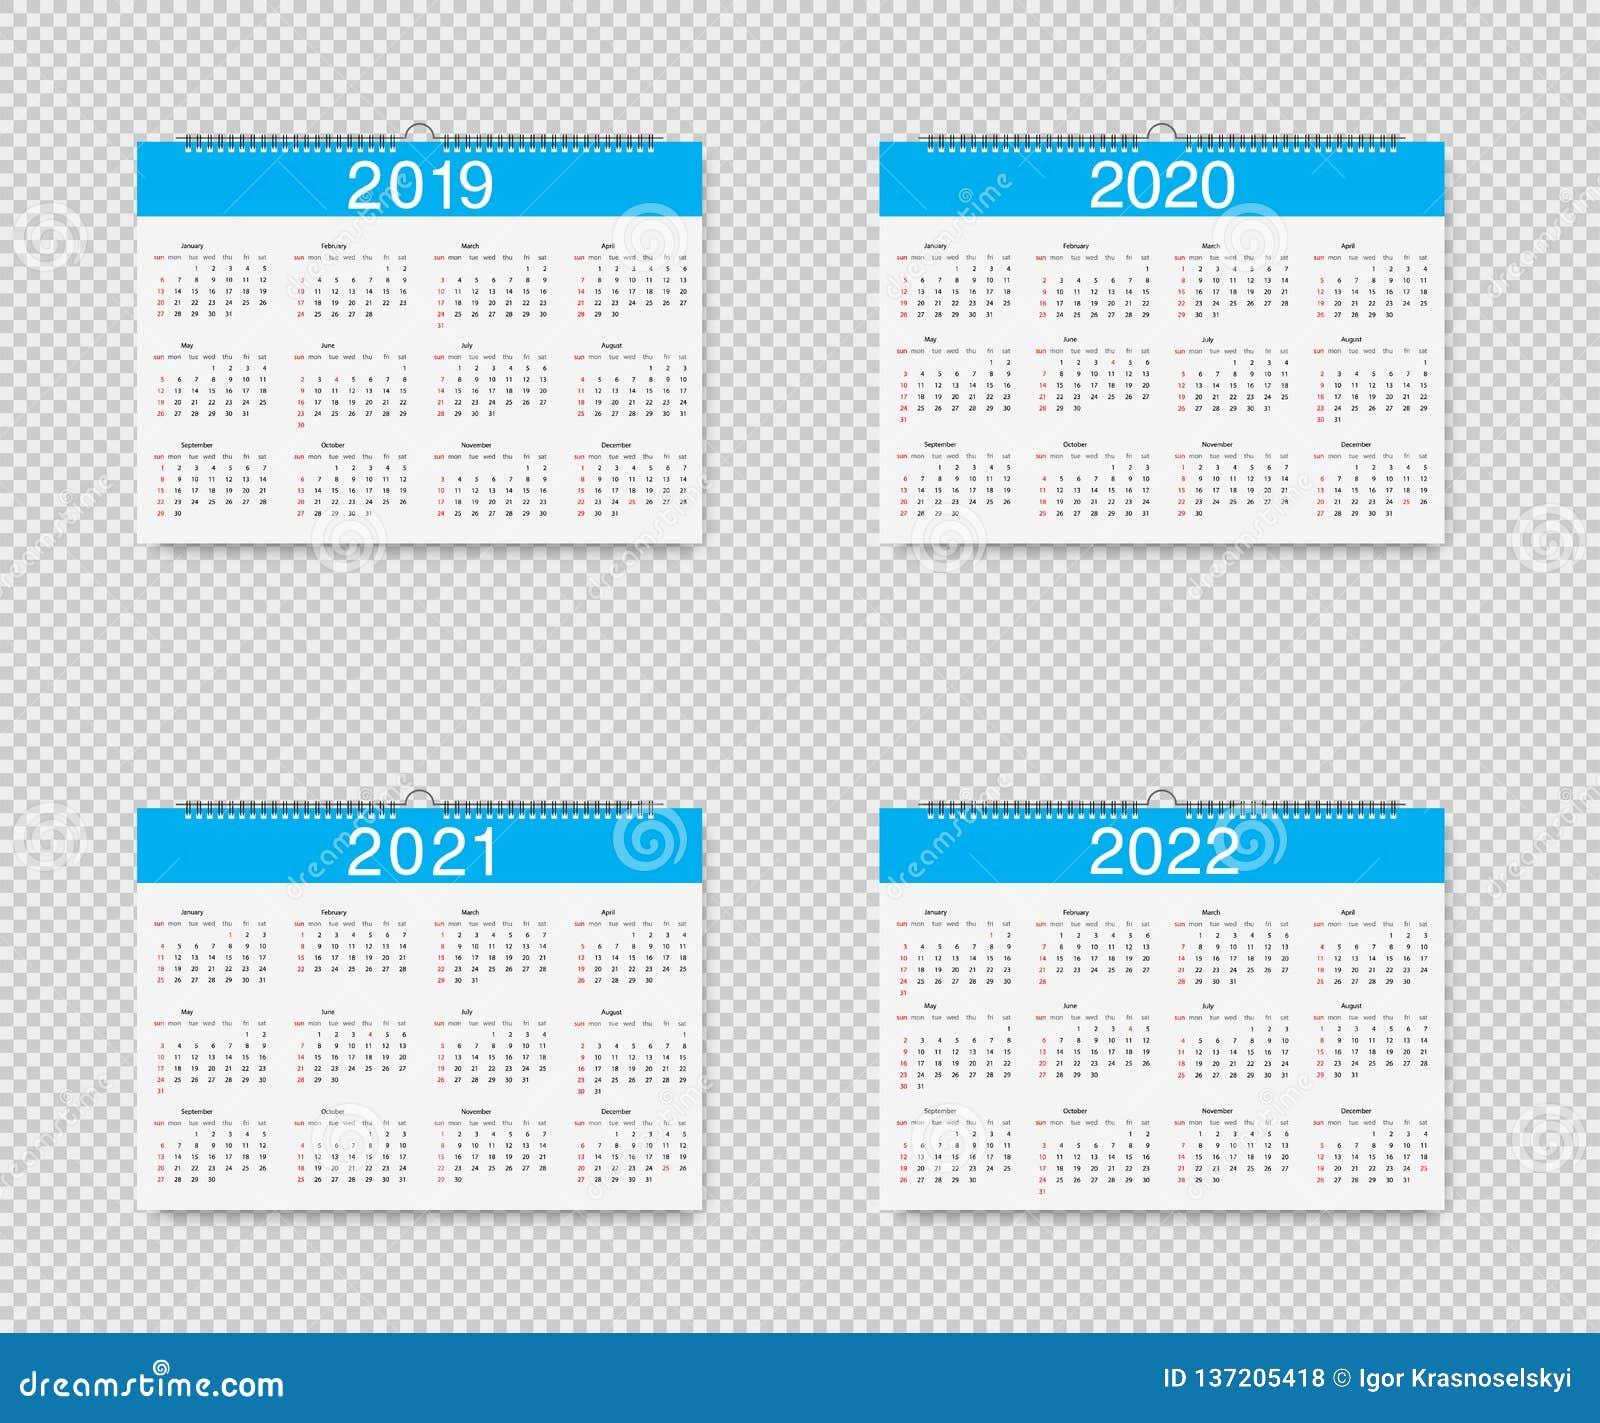 Calendrier Pour La Classe 2021 2022 Calendrier De Vecteur De 2019, 2020, 2021 Et 2022 Ans La Feuille